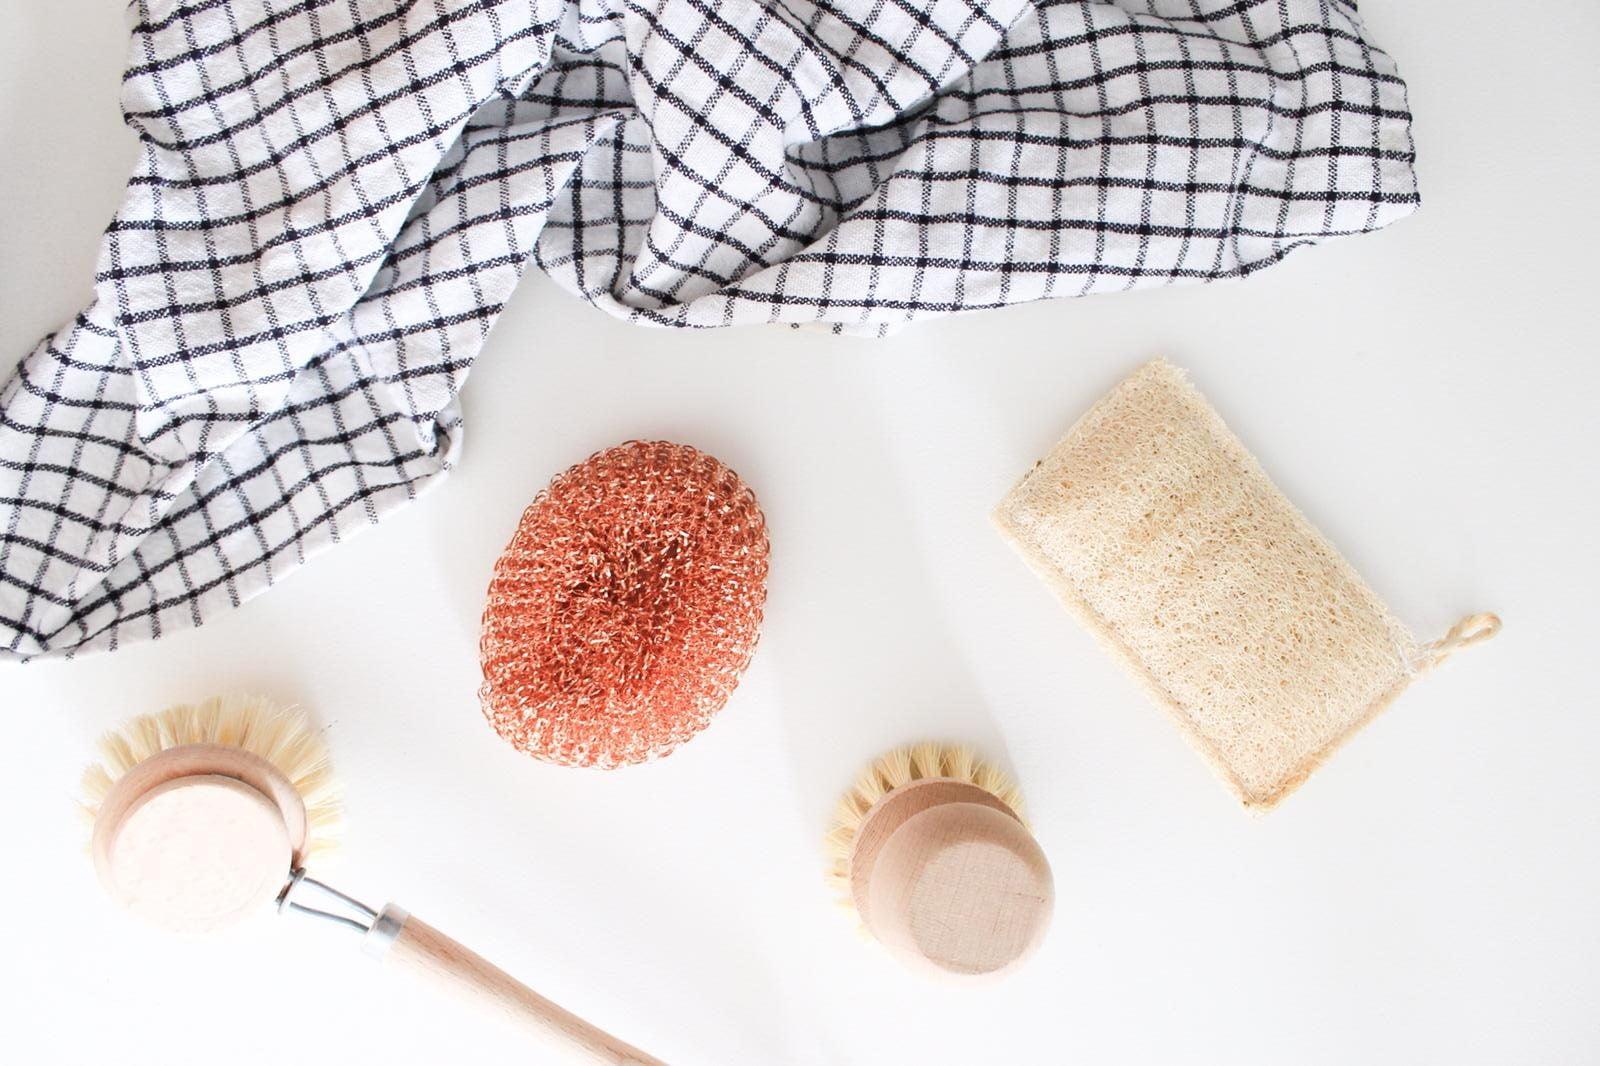 productos cero residuo para la cocina